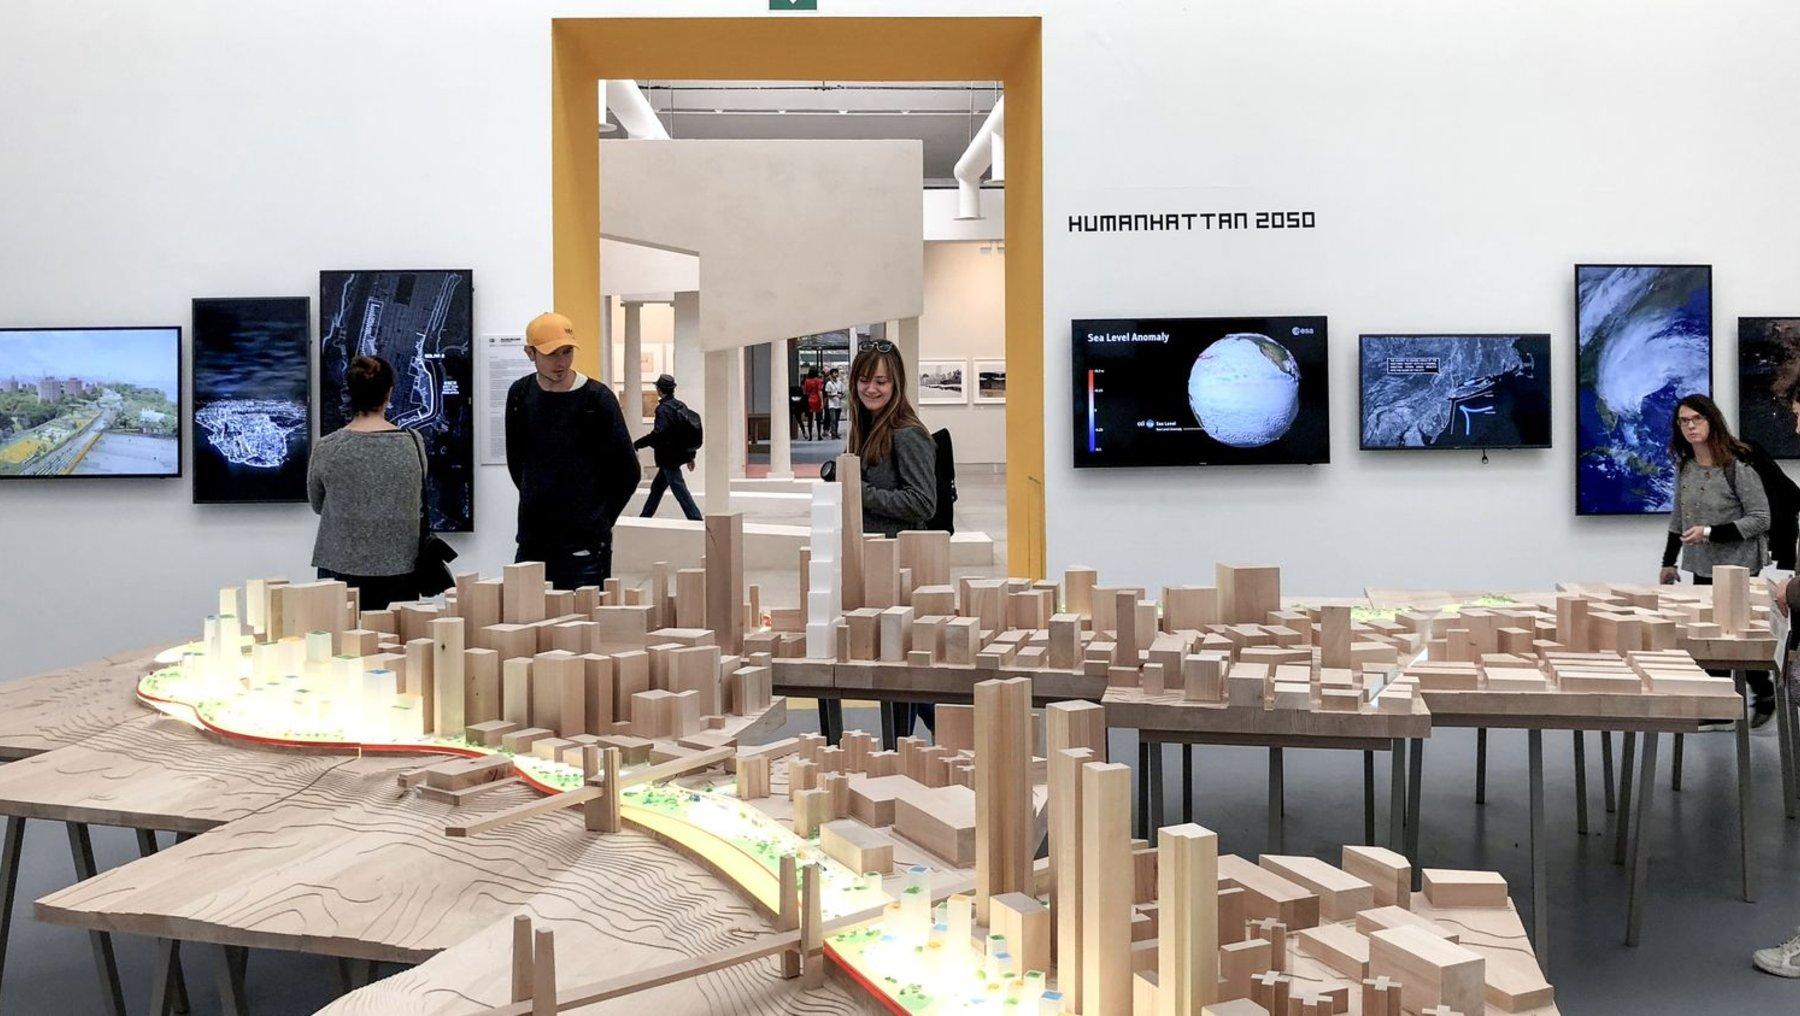 Projektarbeiten zum Städtebau im Pavillon auf dem Gelände der Giardini